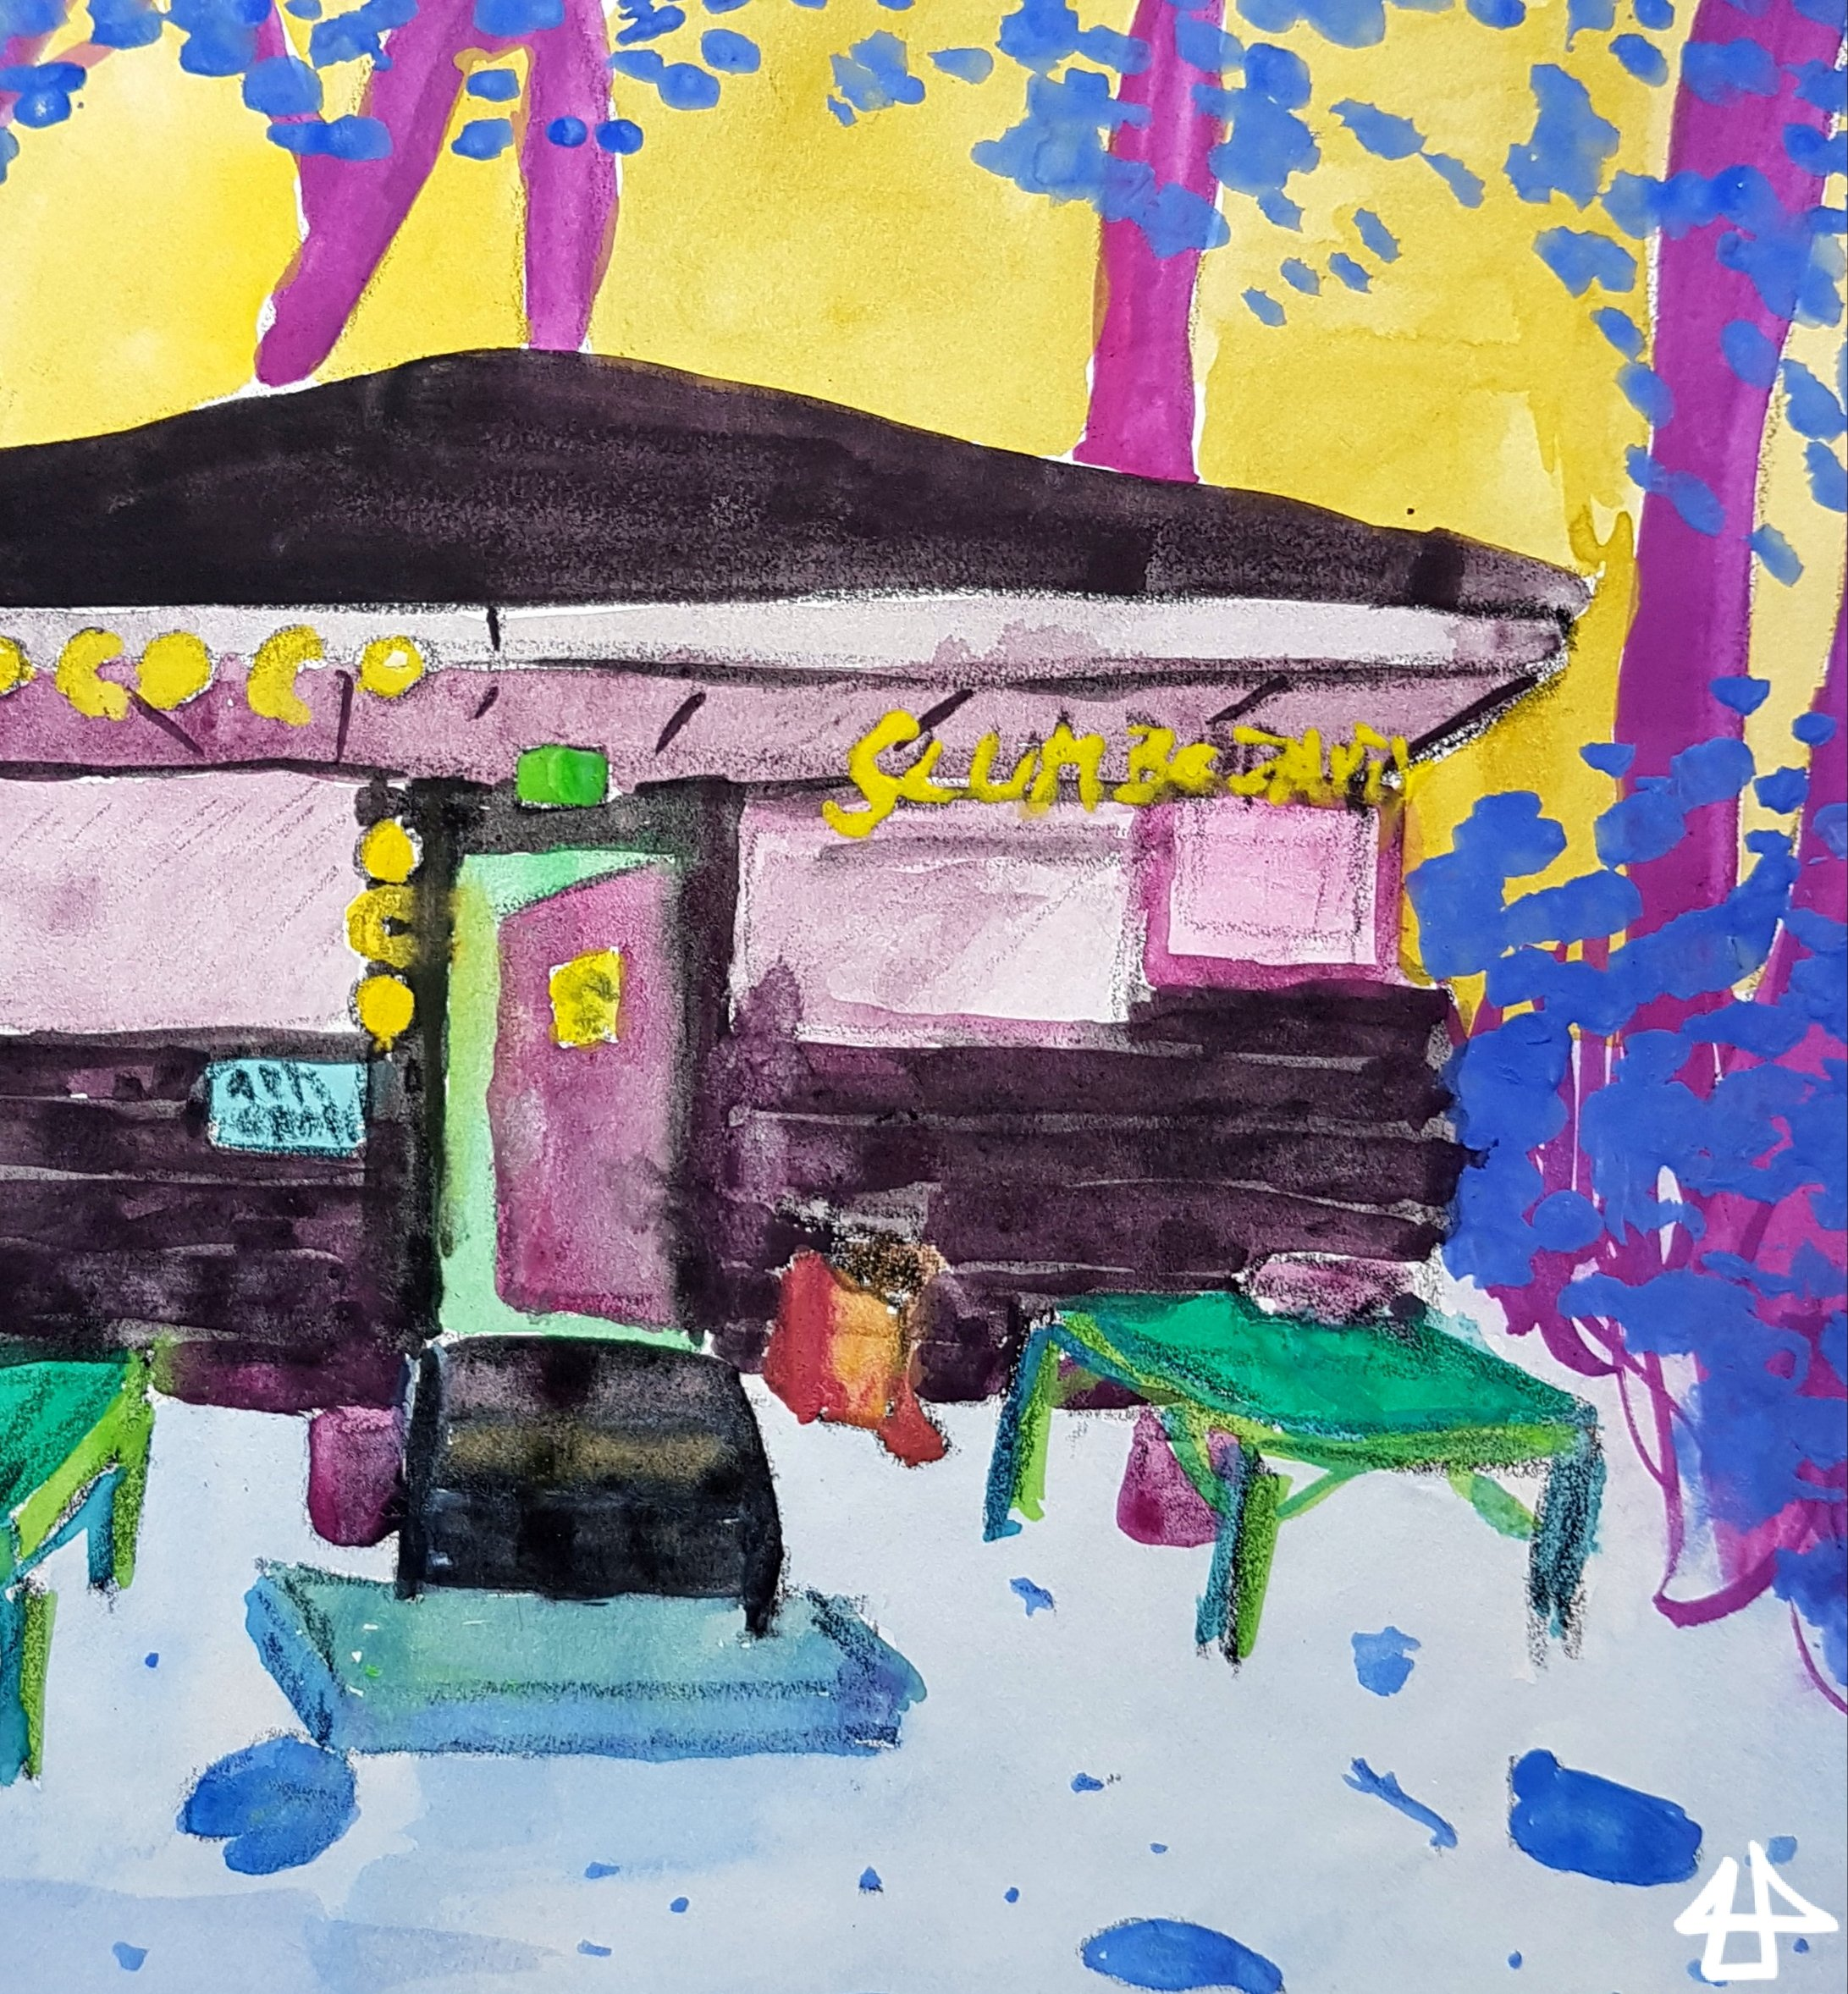 Schulmalfarben auf einfachem Papier. Braunes Holzhaus mit gelben Girlanden im Wald mit Treppenstufen zu offener Tür mit, davor zwei Holztisches, die Bäume des Waldes dahinter sind lilafarben mit blauen Blättern